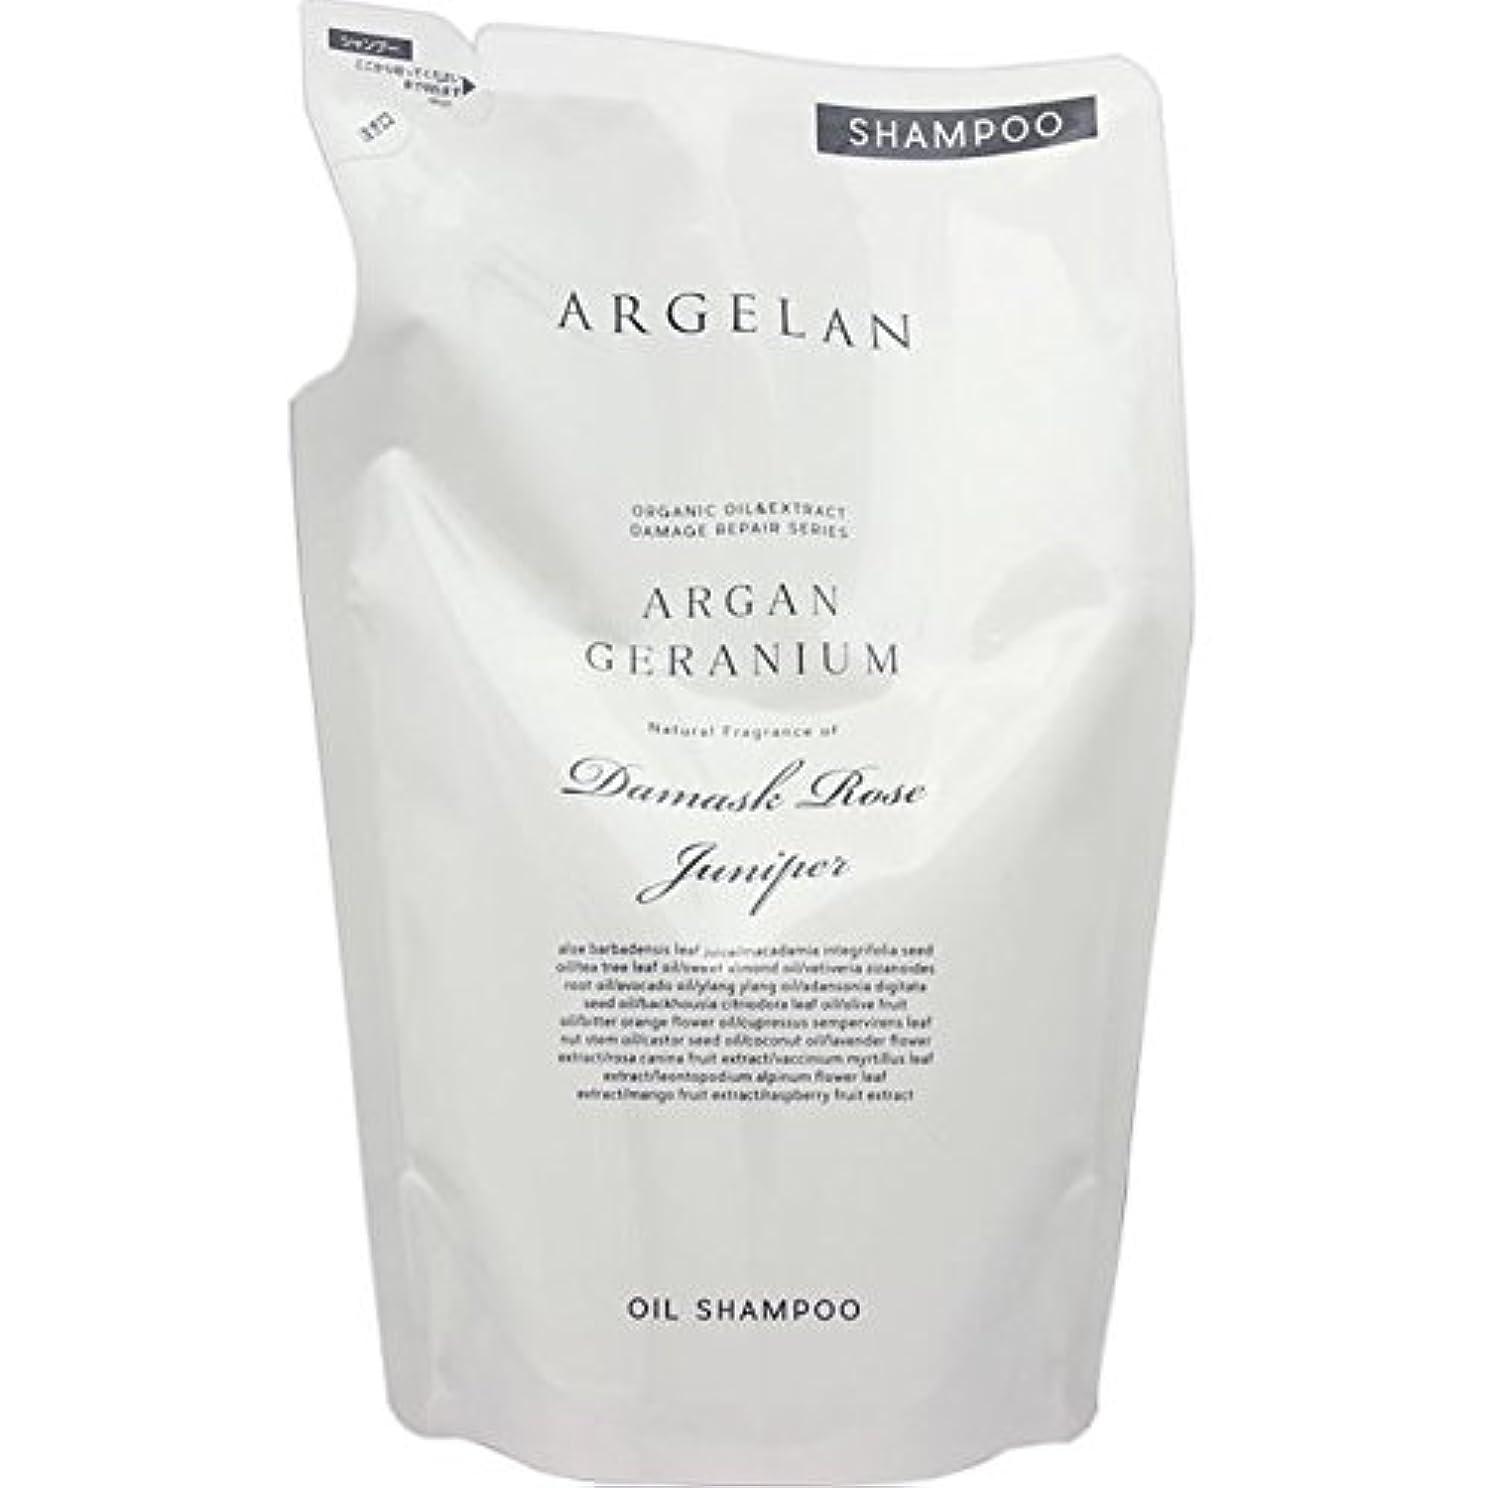 優越おもしろい結核アルジェラン オーガニック 手搾りアルガン オイル シャンプー 詰替え用 400ml詰替